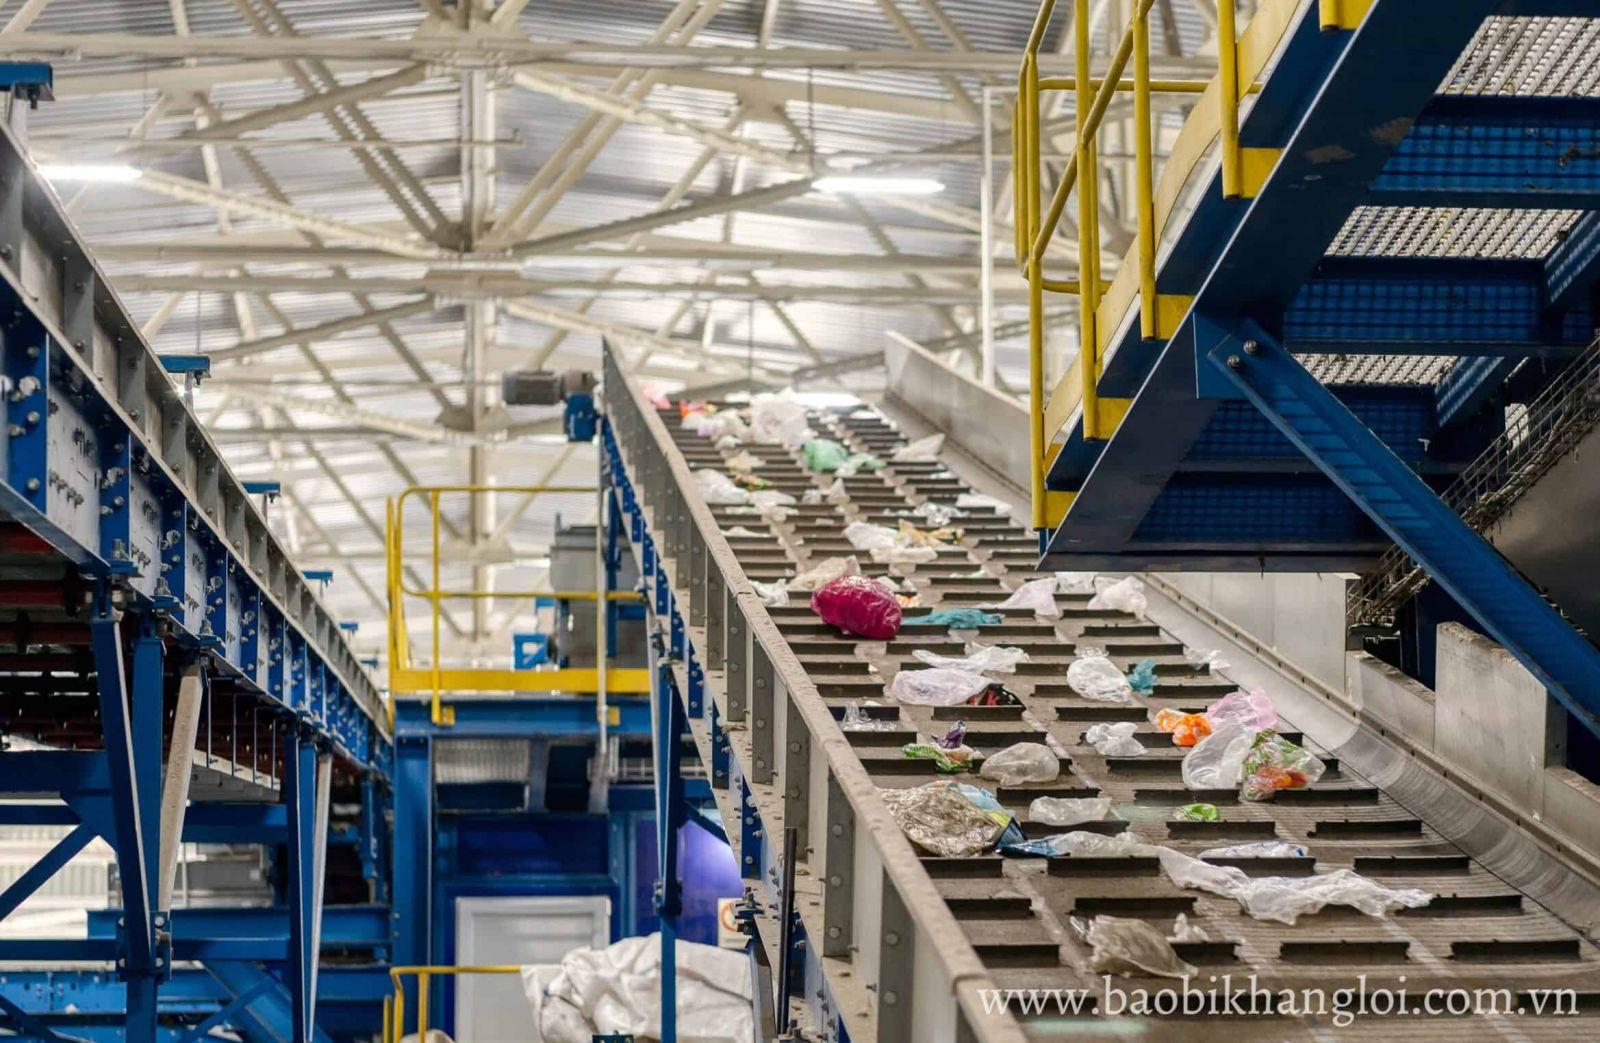 Tái chế được xem như phương thức tối ưu để xử lý rác thải nhựa